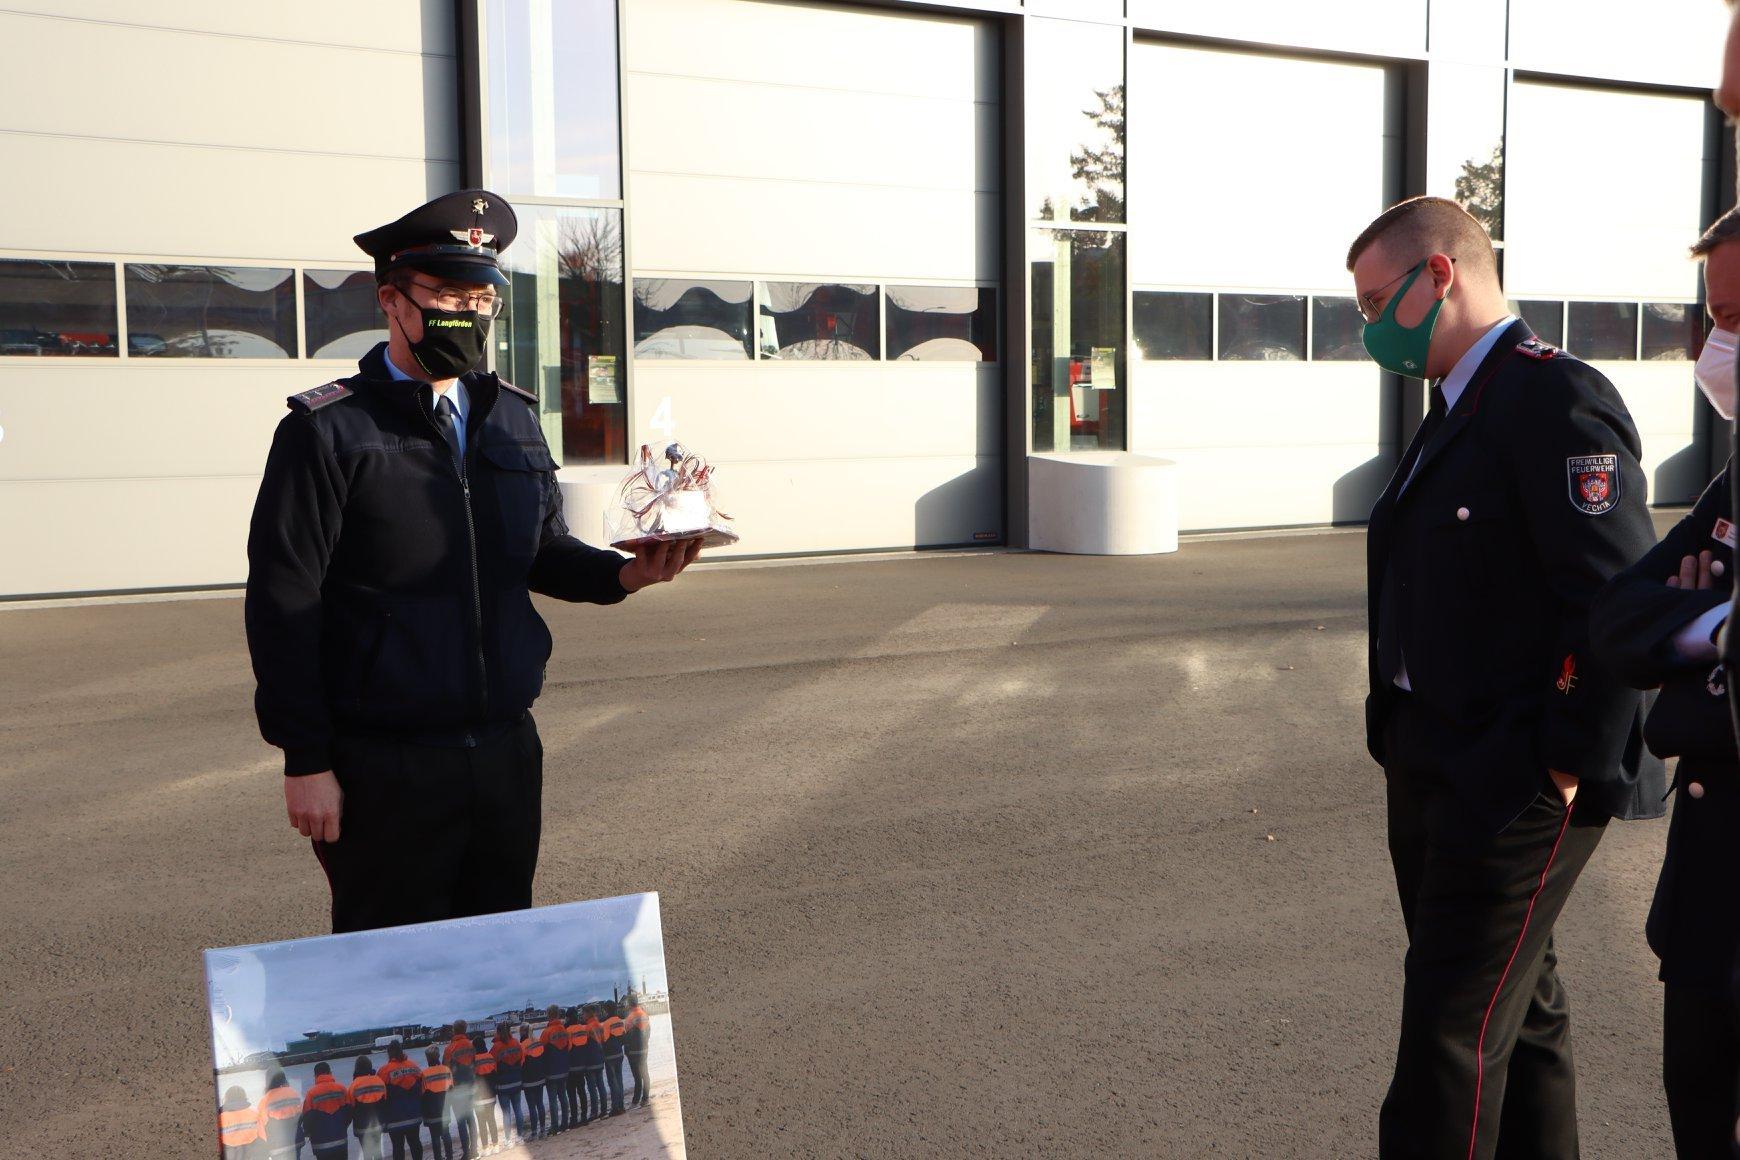 Jugendfeuerwehrwart Nils Triphaus nimmt Glückwünsche und Geschenke entgegen